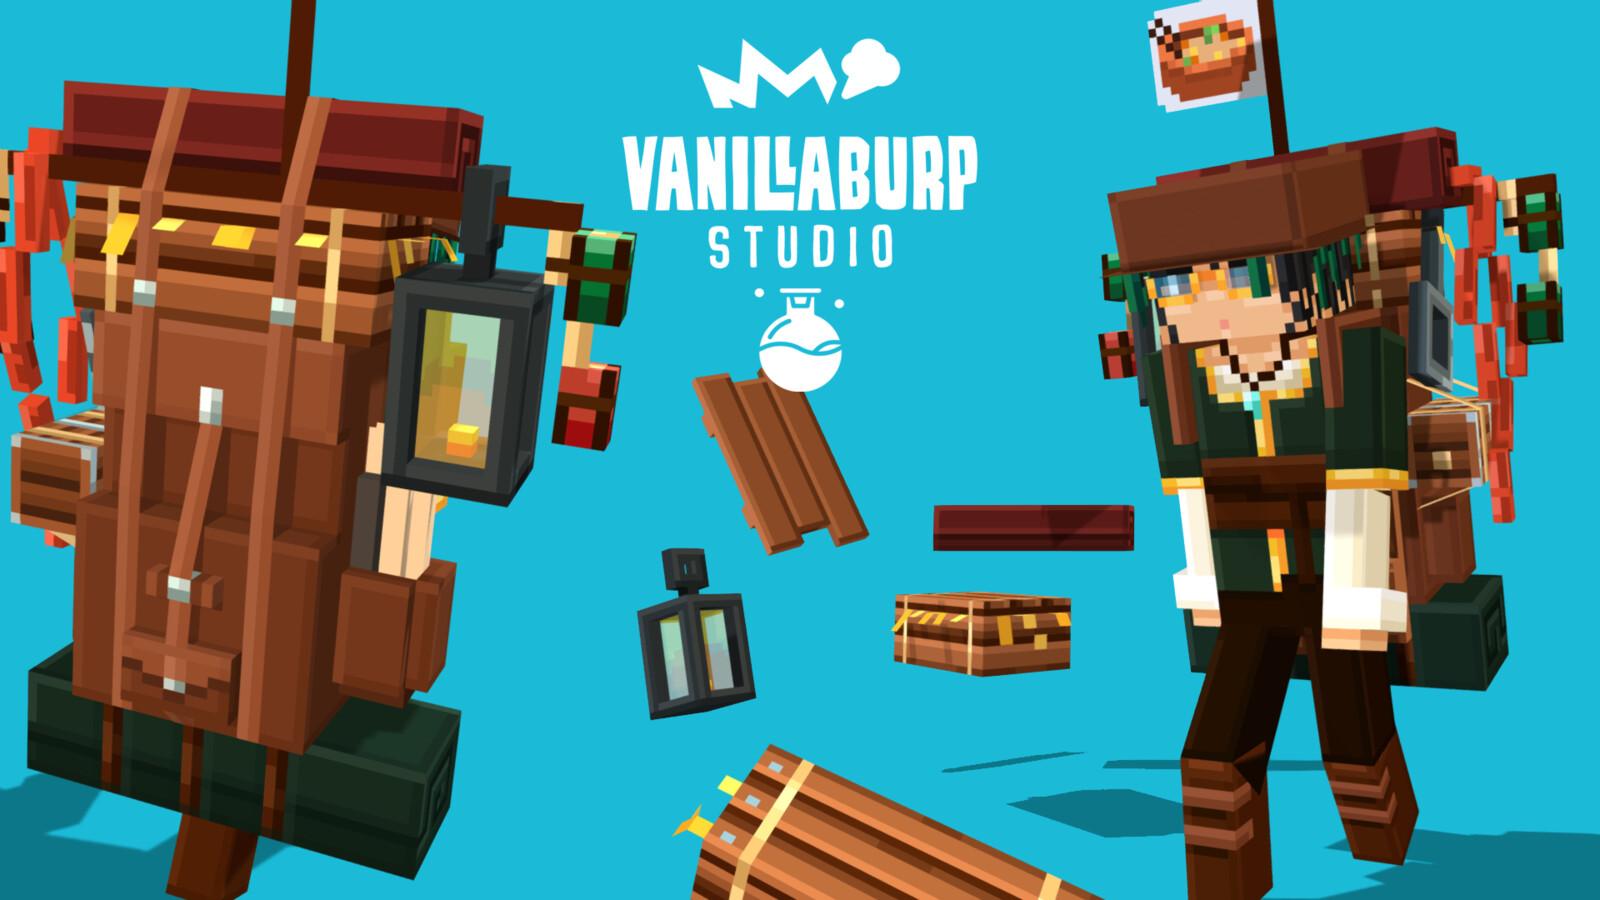 VanillaBurp's Ramen Backpack Express